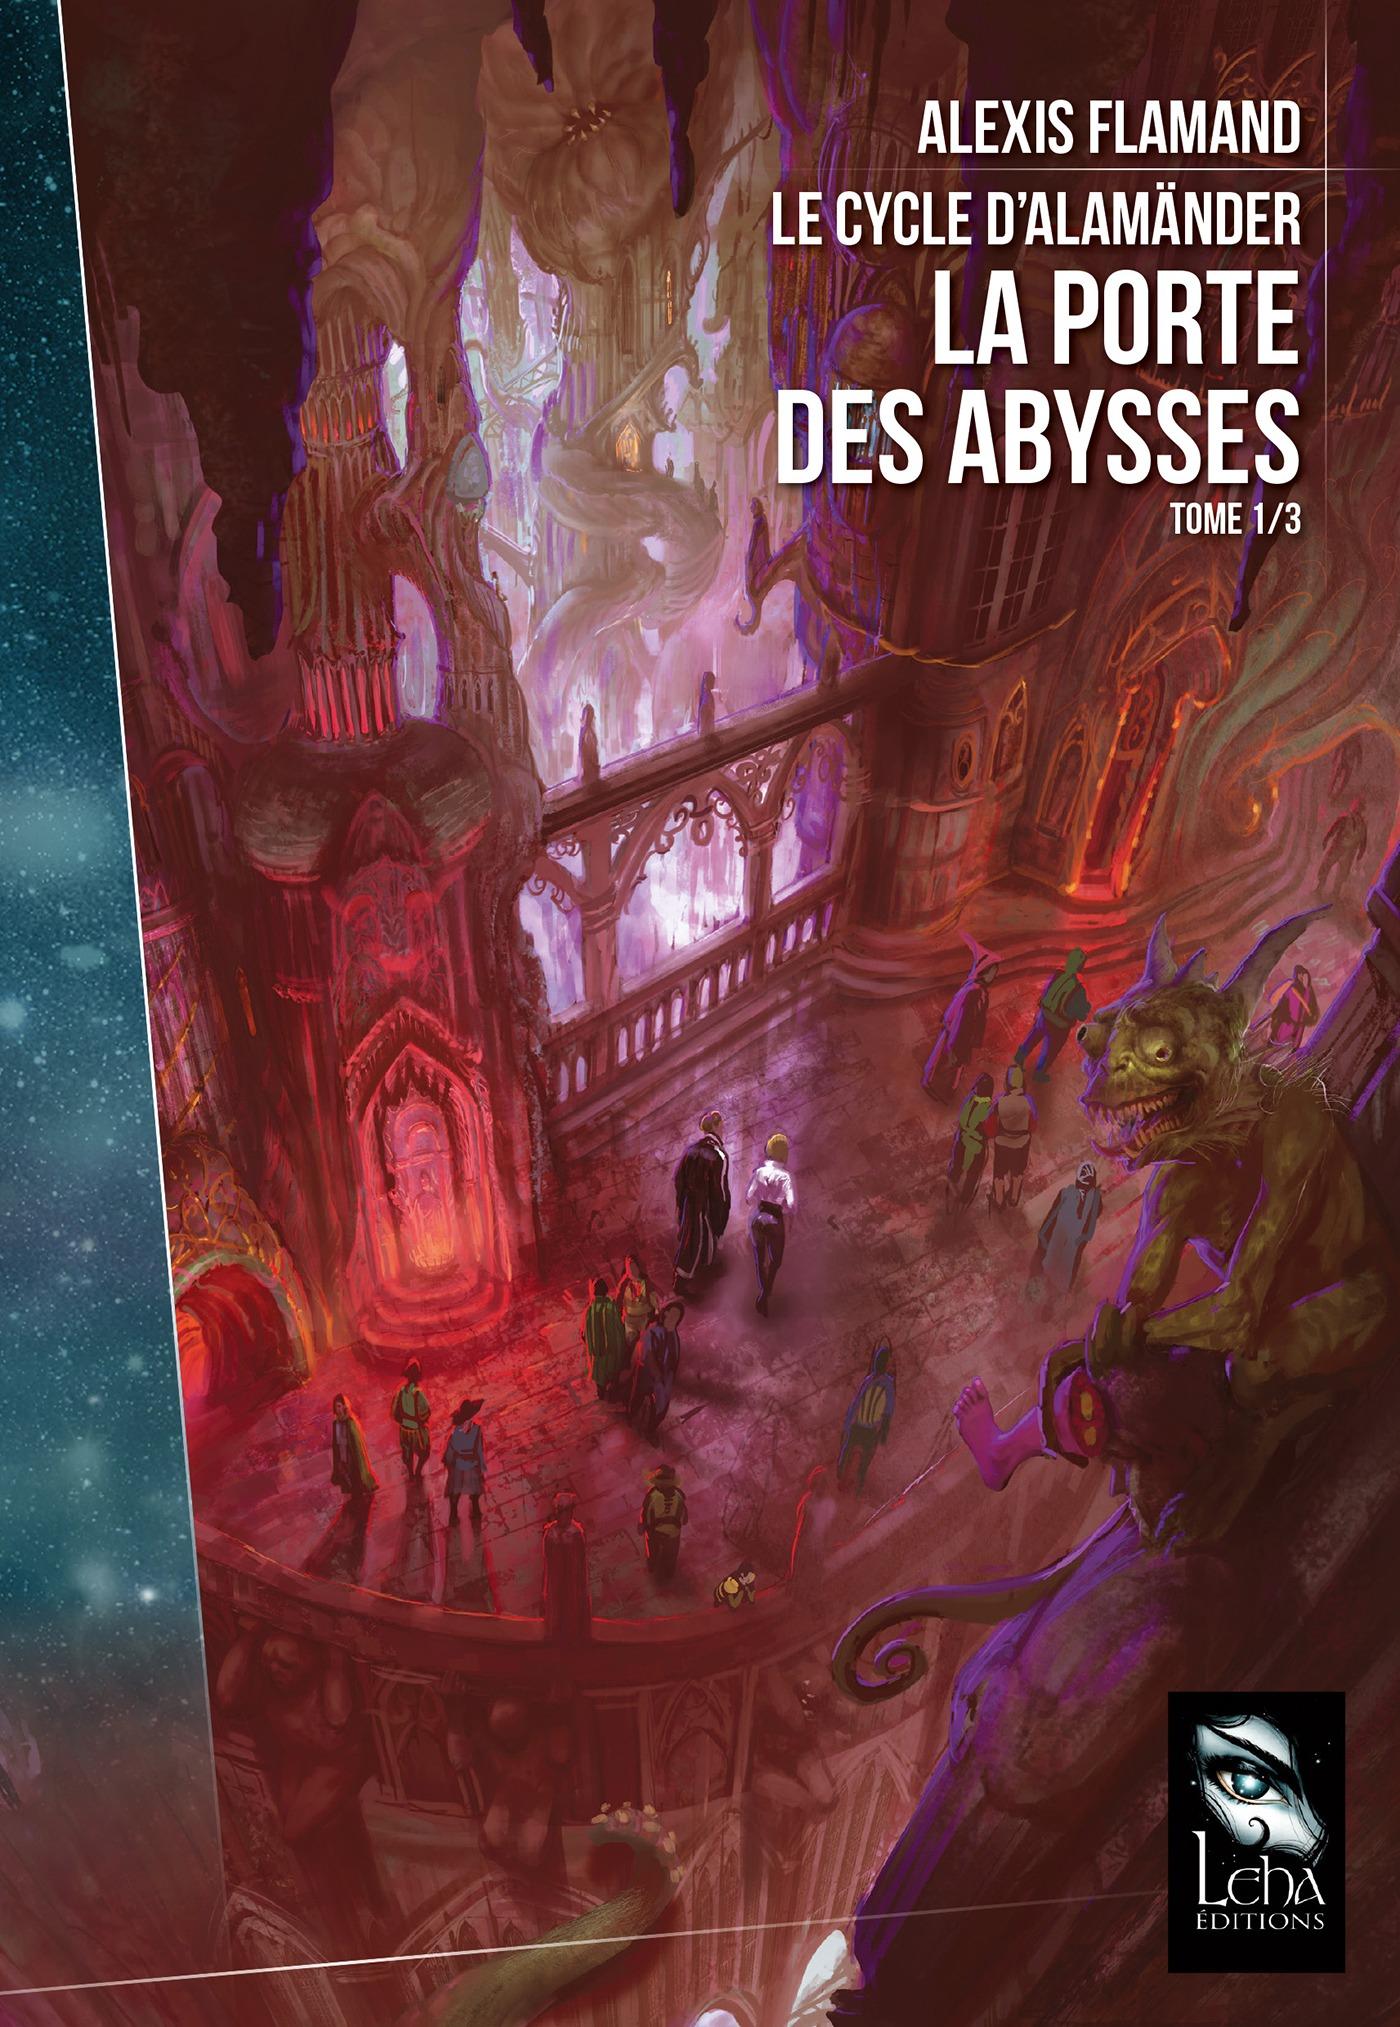 La Porte des Abysses, LE CYCLE D'ALAMÄNDER, T1